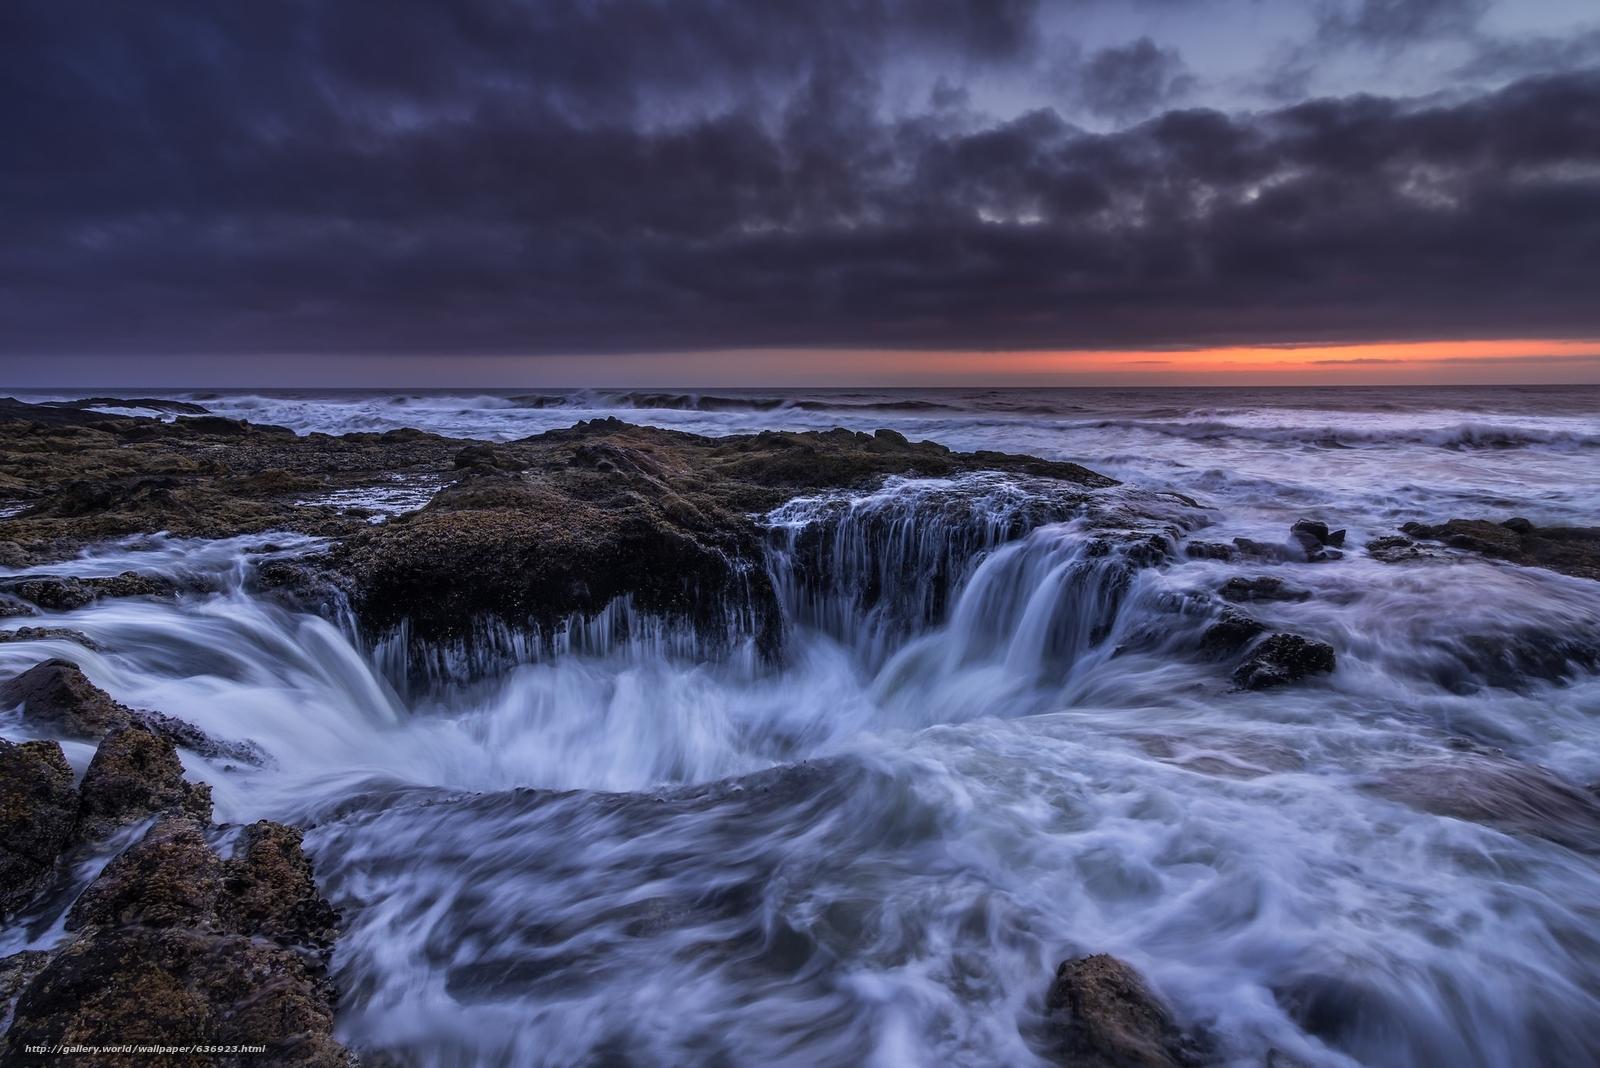 Скачать обои Thor's Well,  Sunset,  Cape Perpetua,  Oregon бесплатно для рабочего стола в разрешении 2048x1367 — картинка №636923